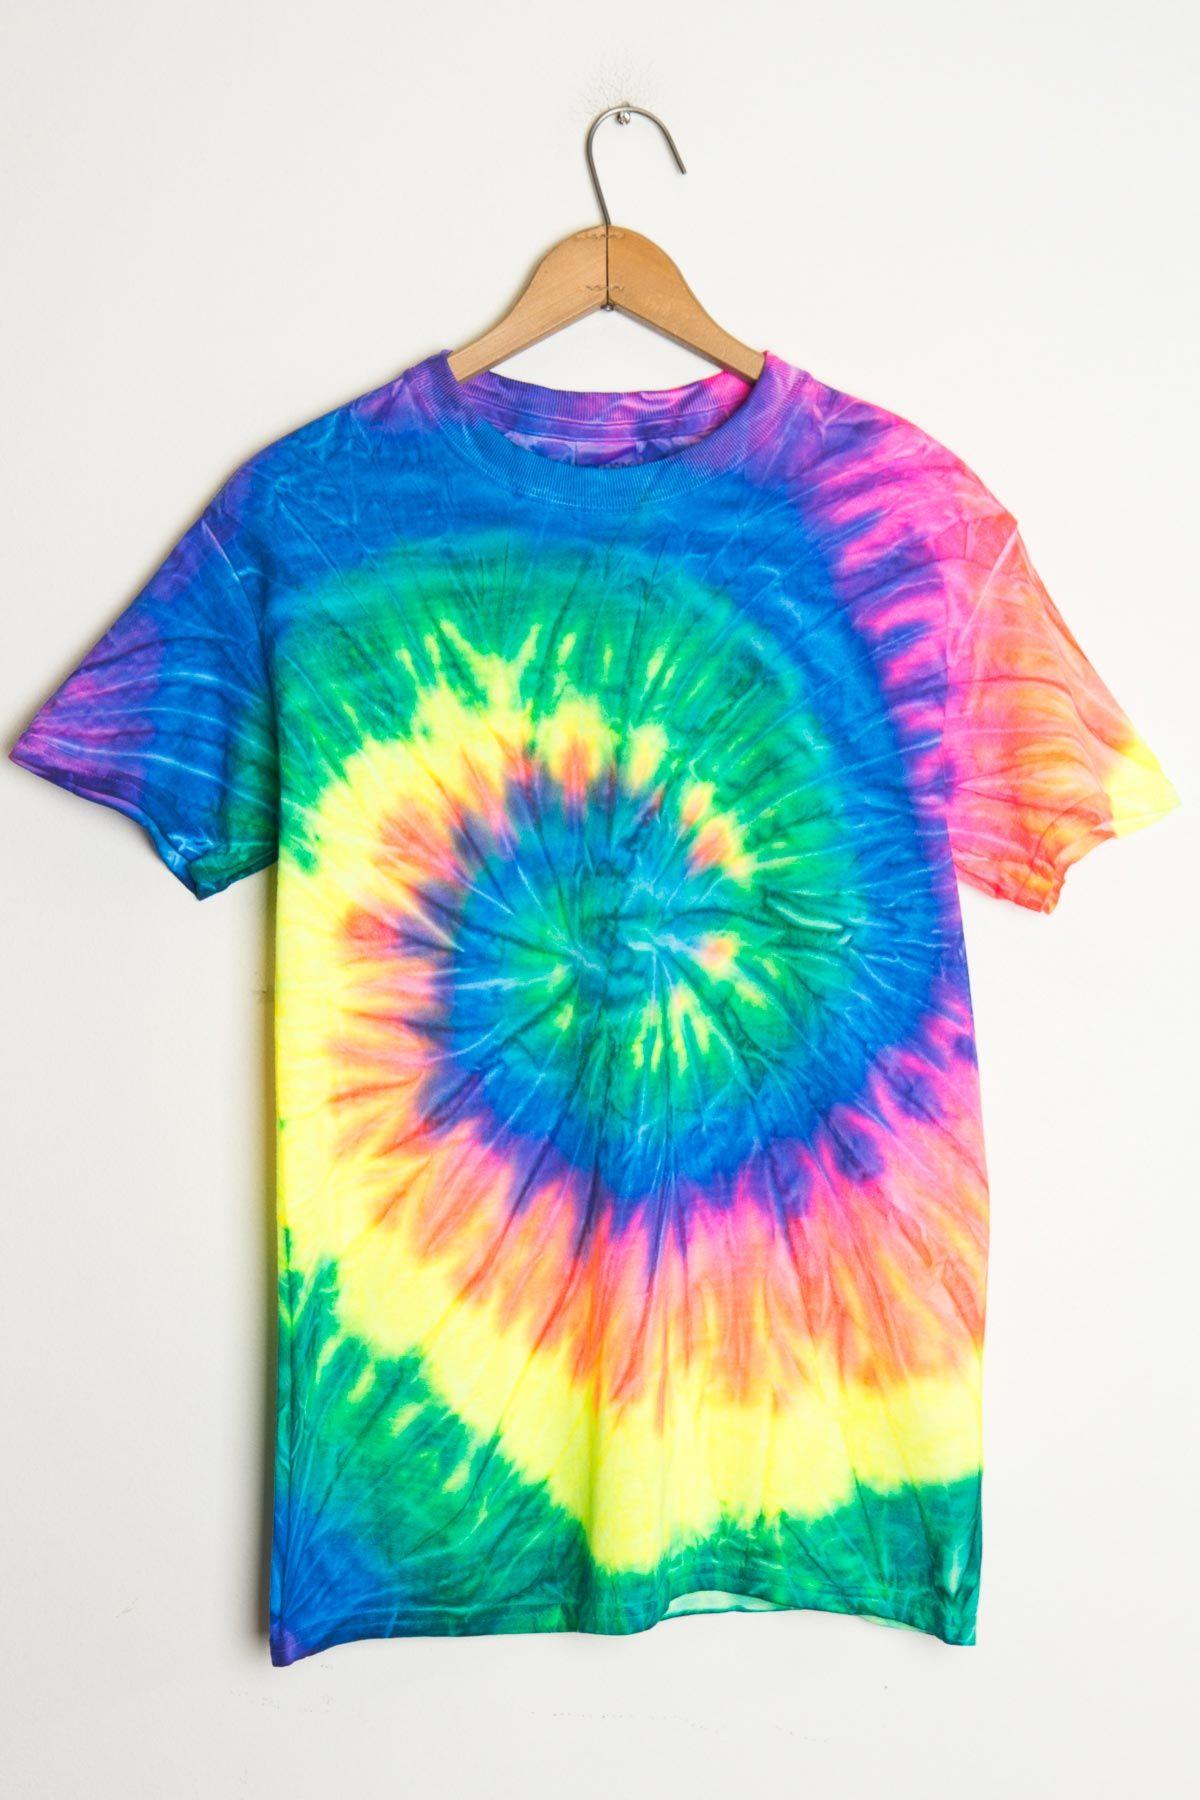 ffb5f9e27db This Neon rainbow tie dye shirt is to